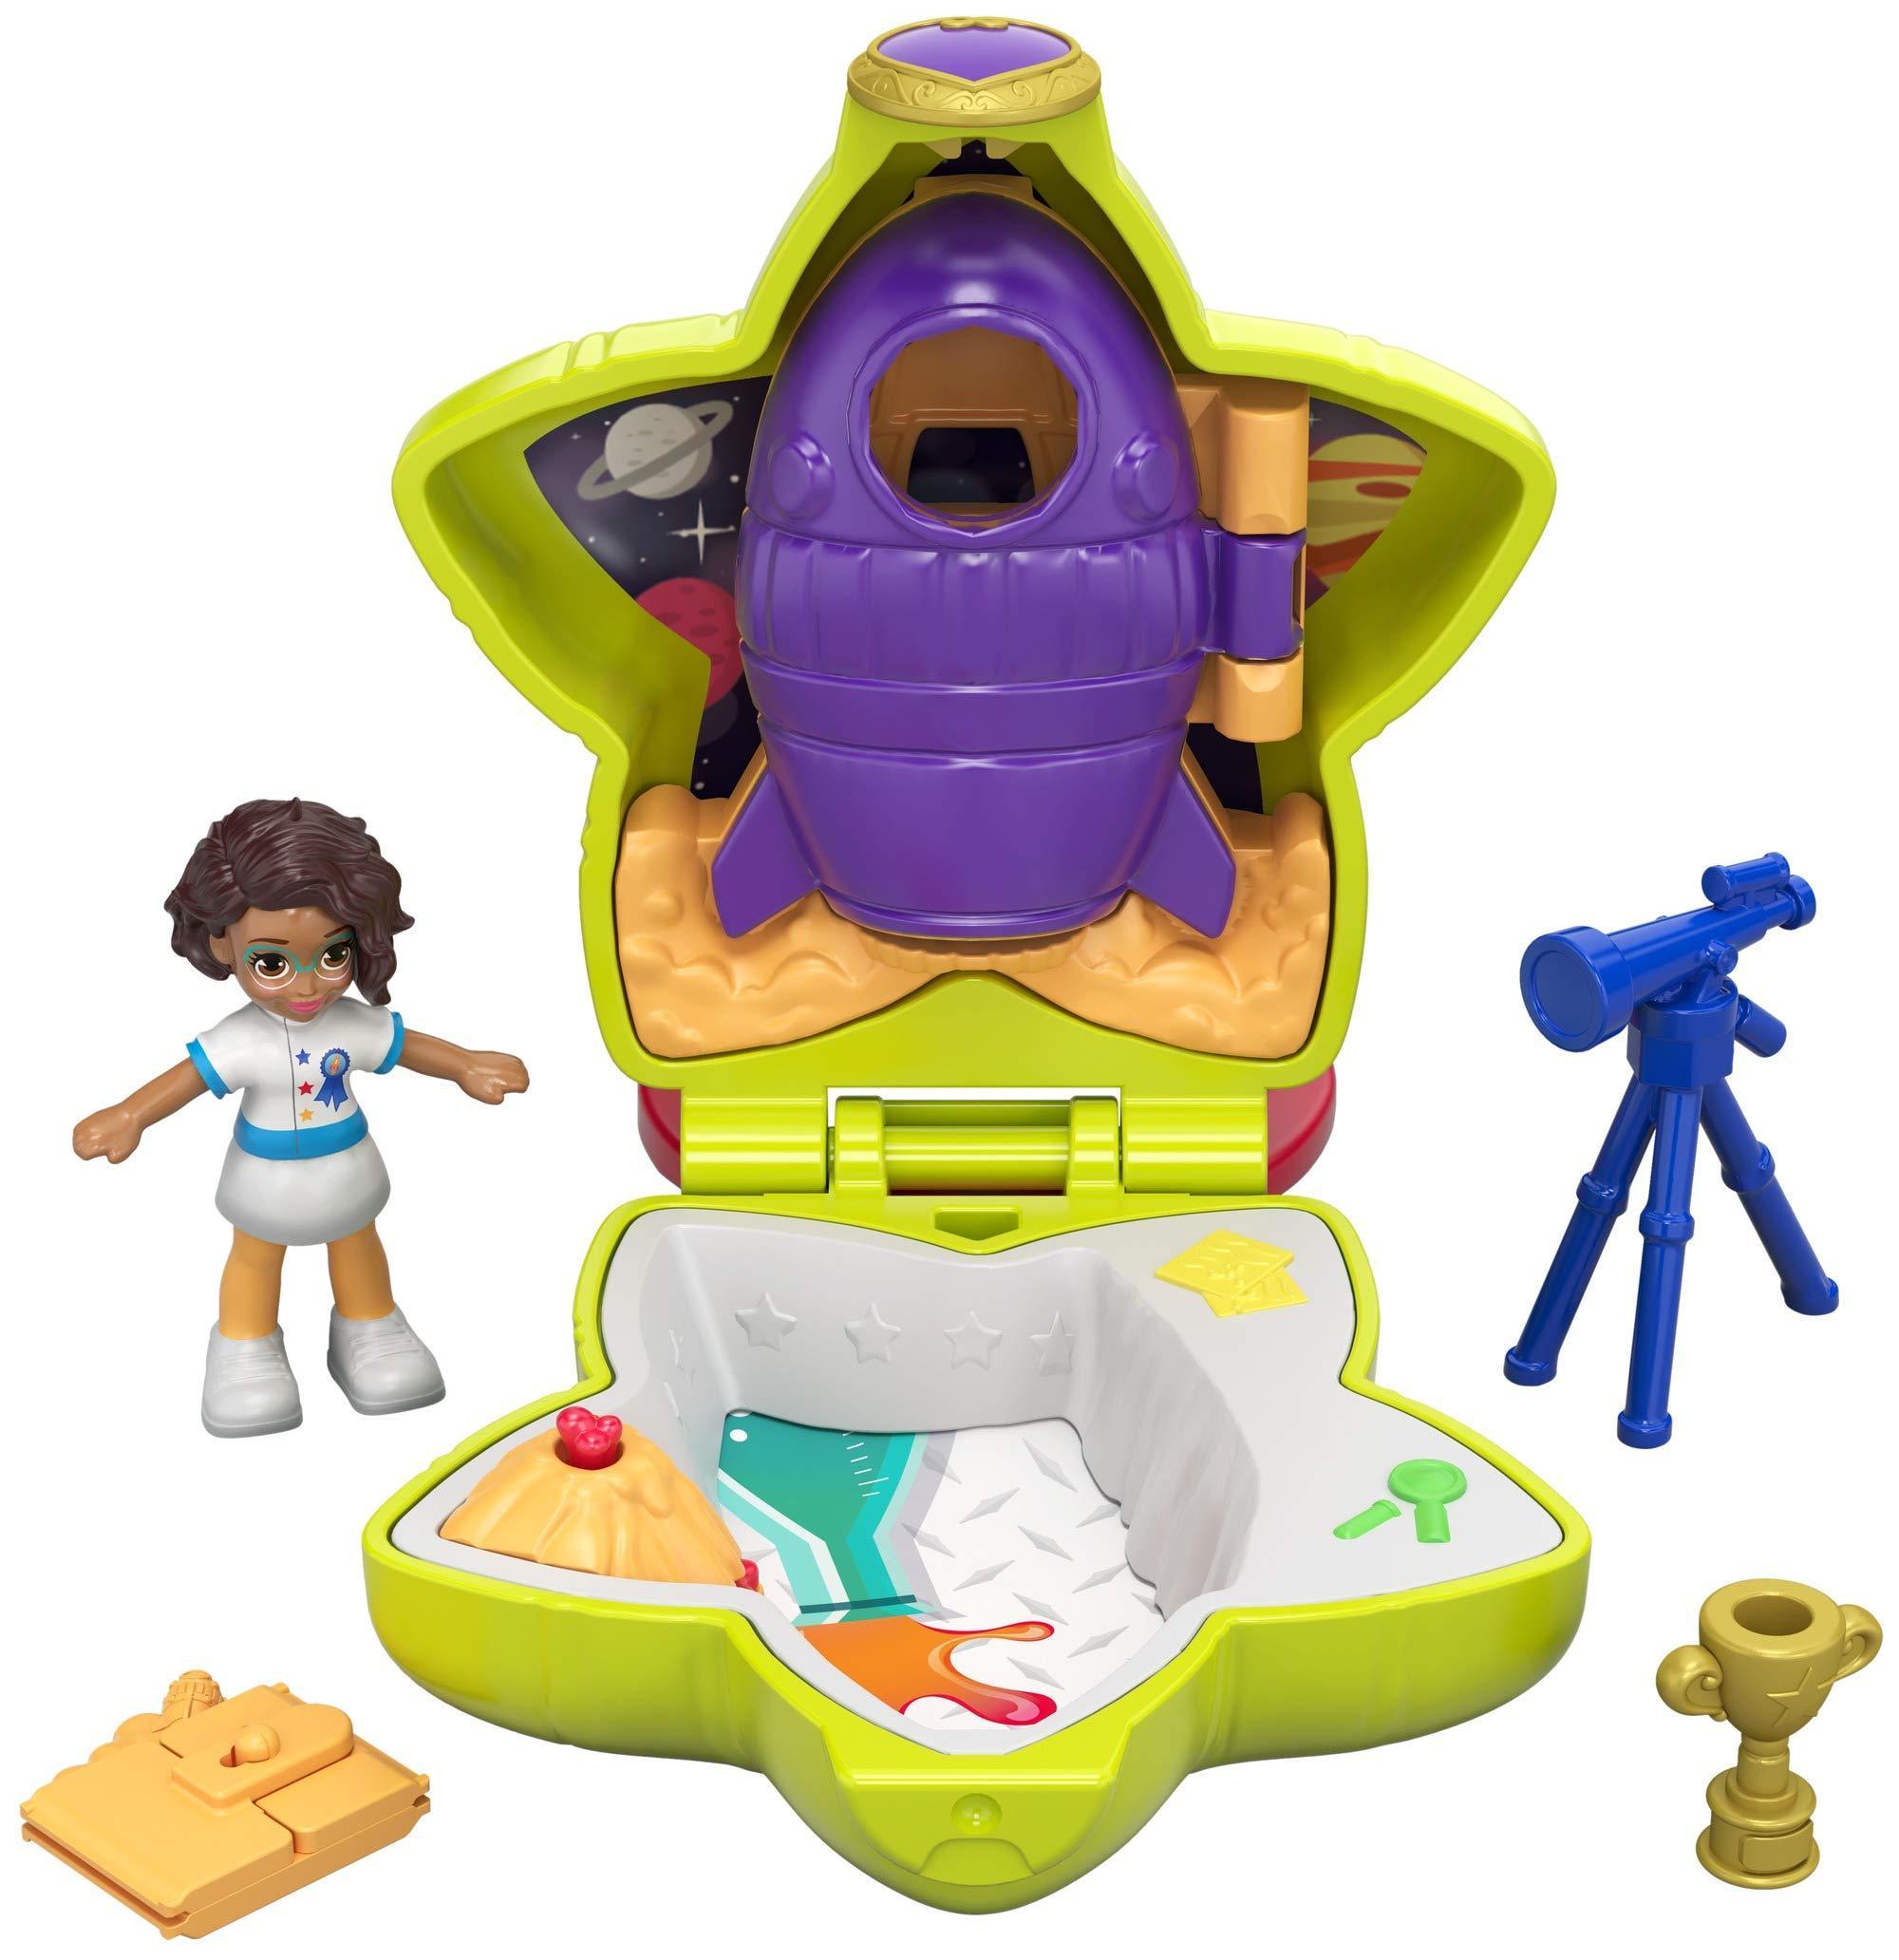 Игровой набор Mattel Набор игровой Polly Pocket компактный Шани и космический корабль